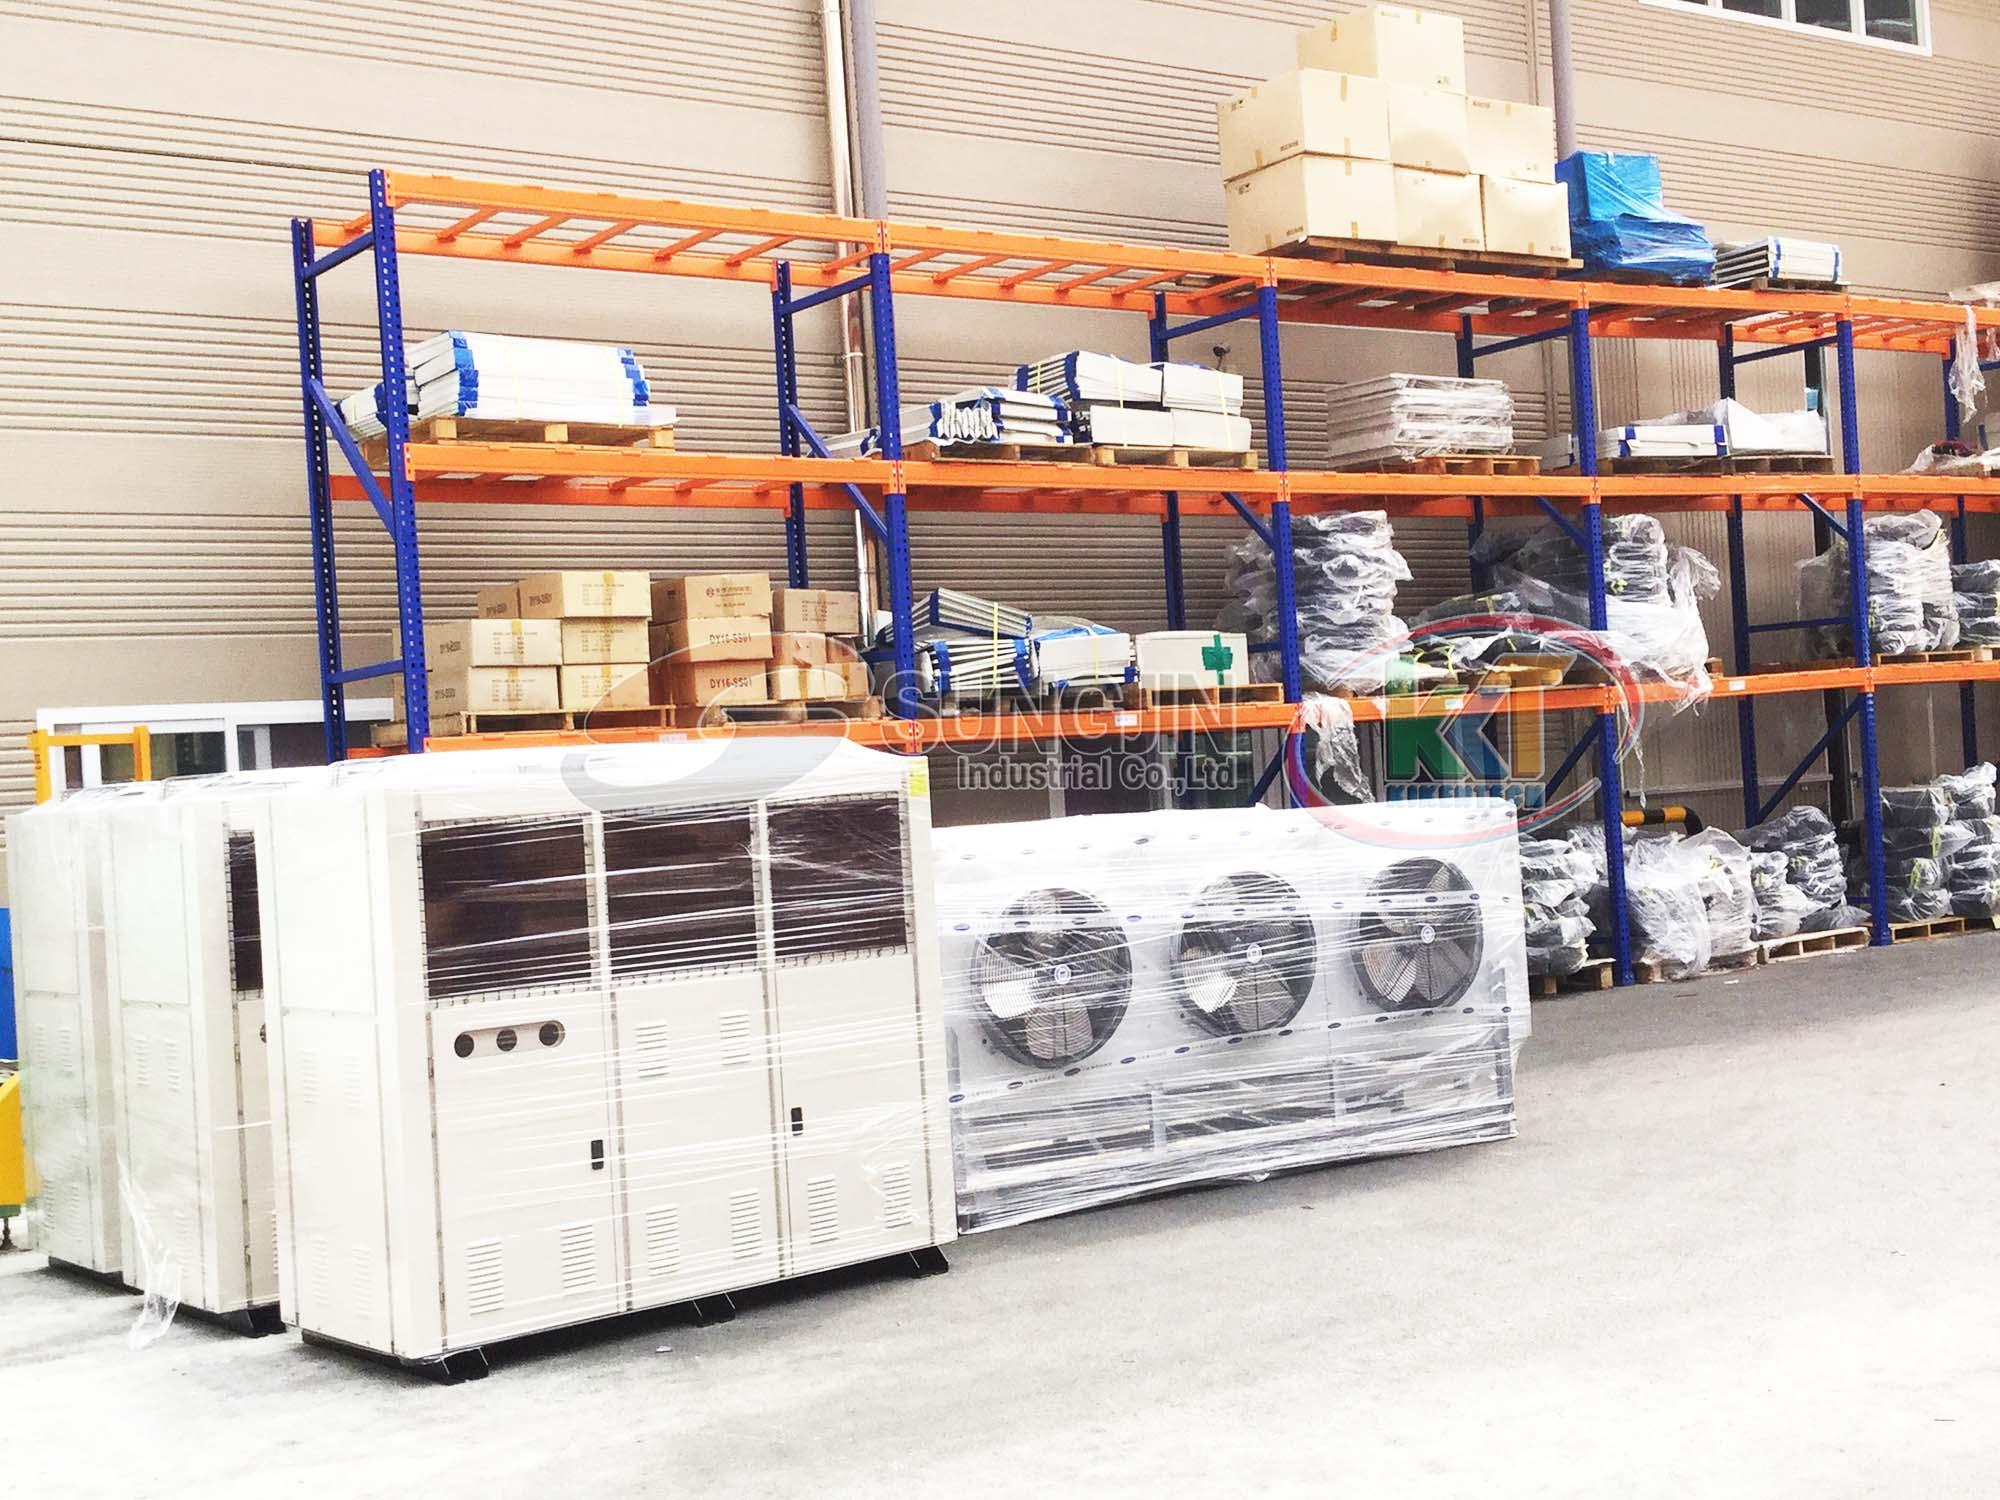 Nhiều công ty gọi điện tới công ty Kikentech với mong muốn hợp tác phát triển lĩnh vực điện lạnh công nghiệp. Hợp tác cùng các doanh nghiệp trong và ngoài nước